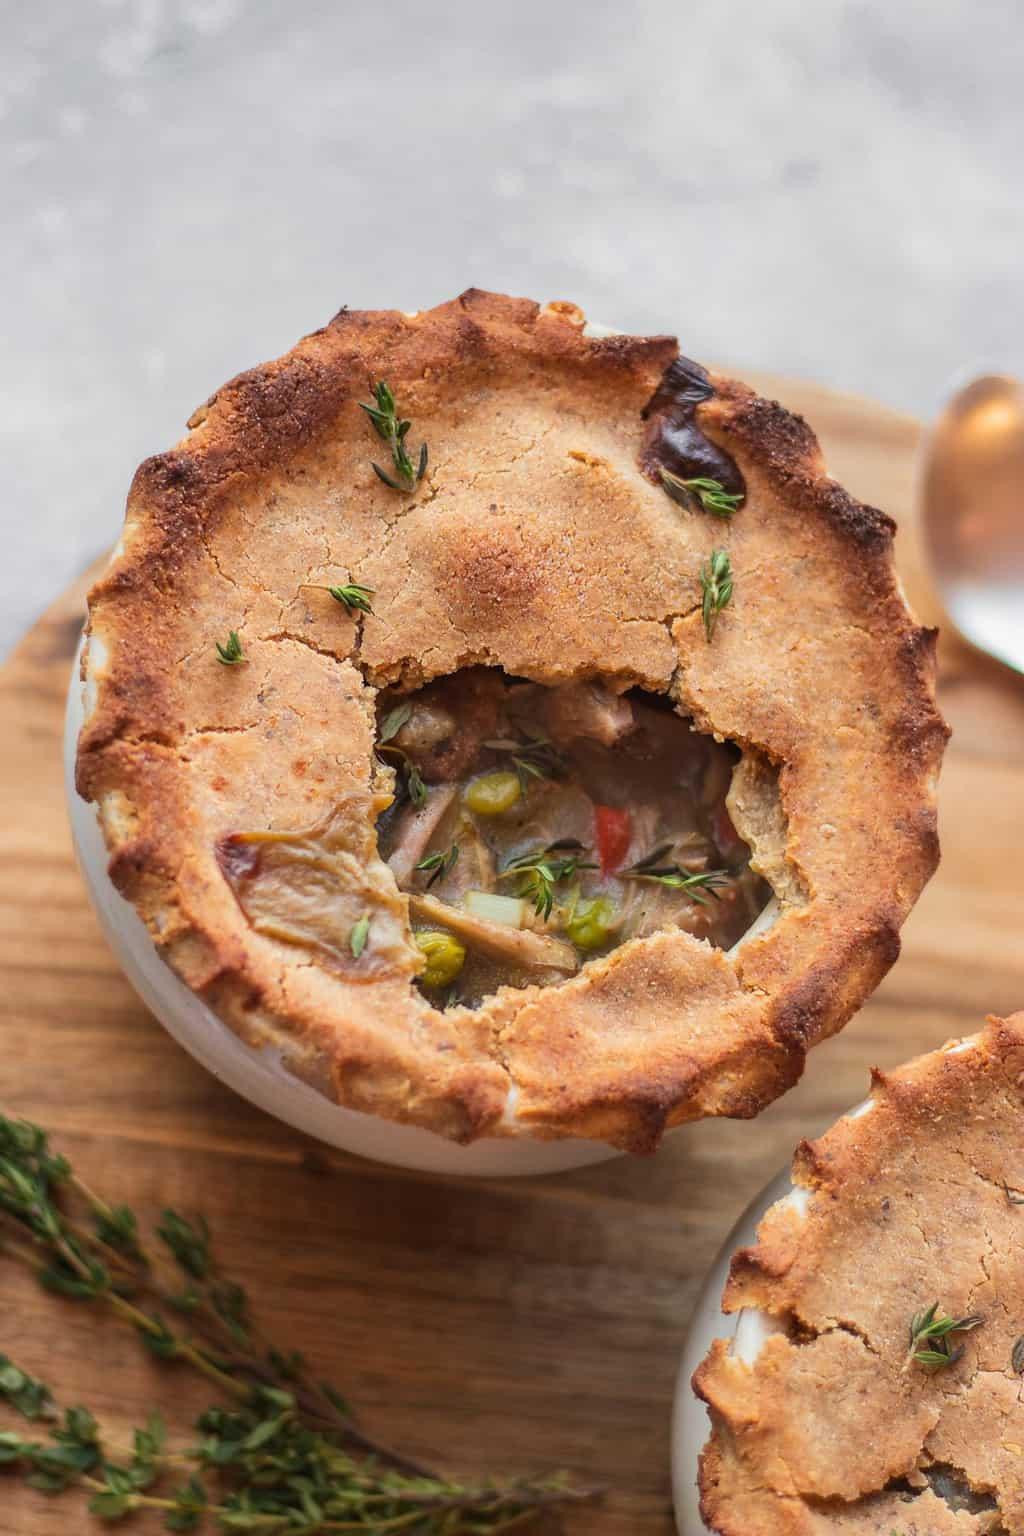 Vegan pot pie with jackfruit and vegetables